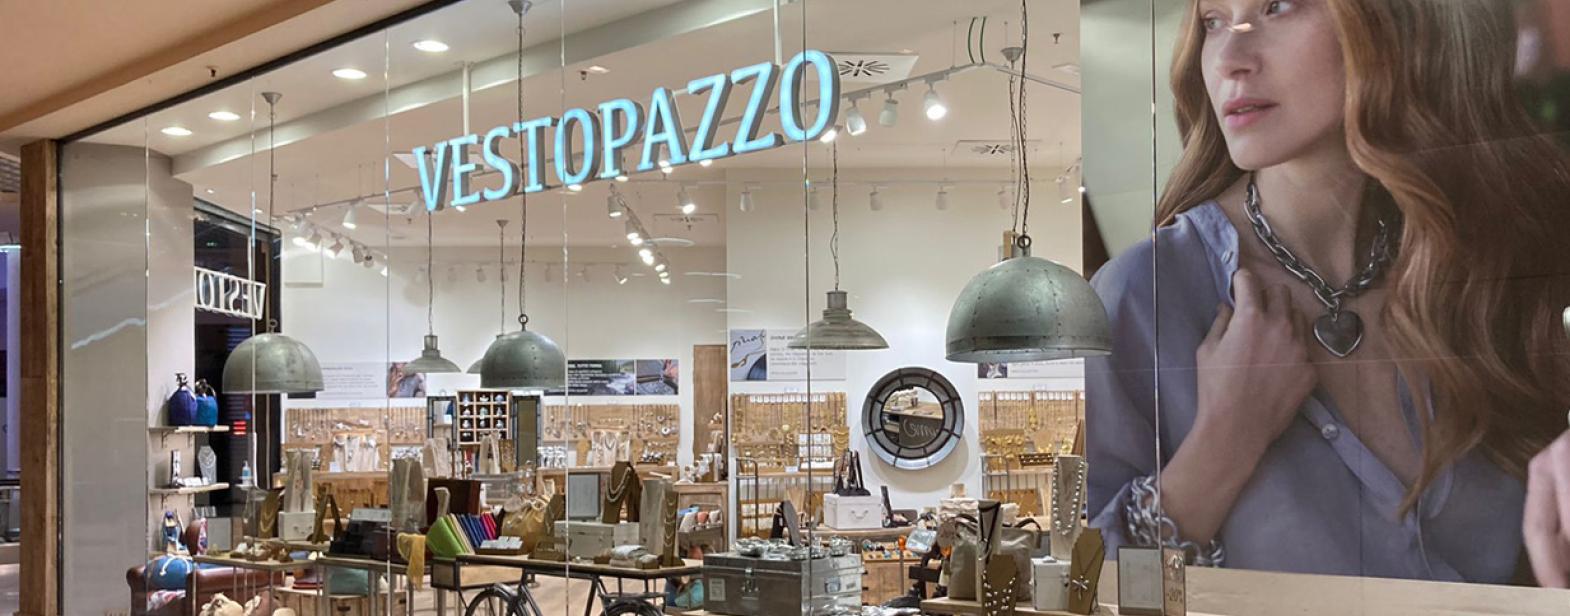 Vestopazzo - Azienda